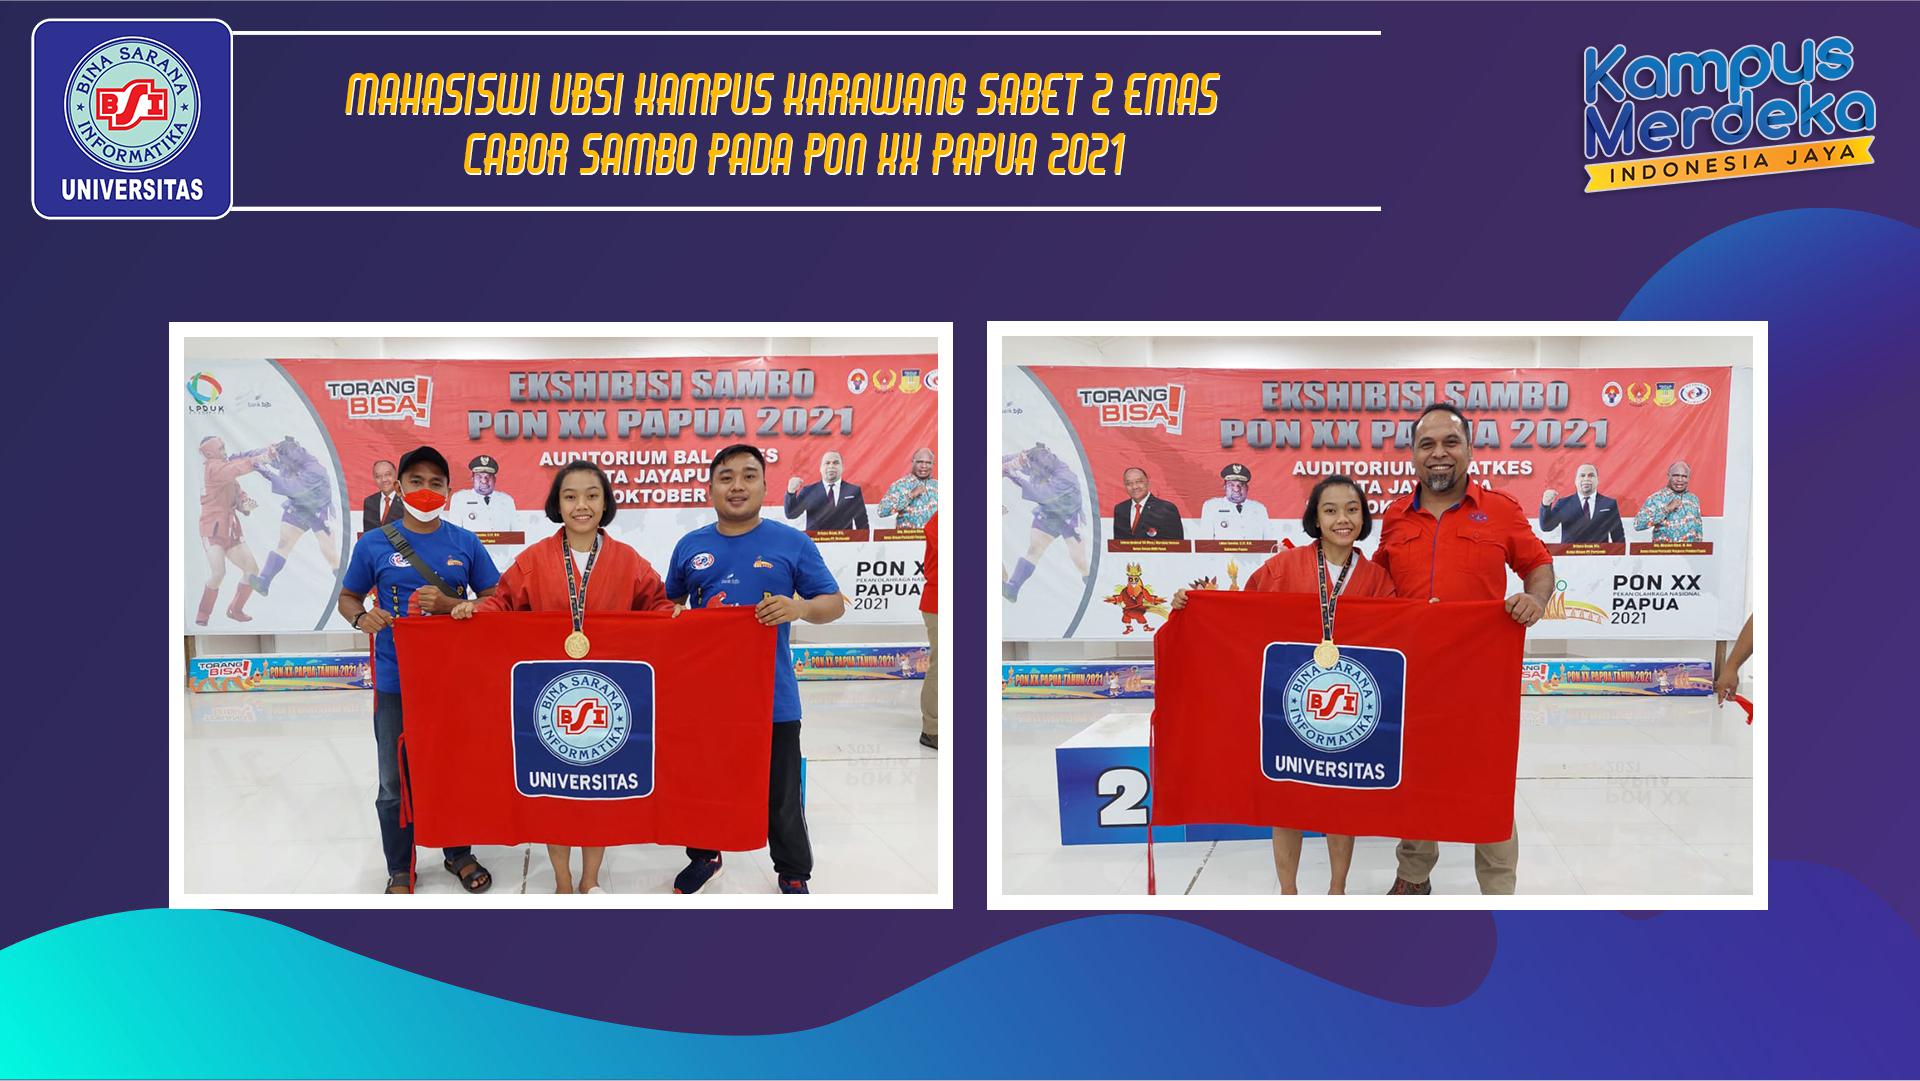 Mahasiswi UBSI Kampus Karawang Sabet 2 EMAS  Cabor SAMBO Pada PON XX Papua 2021